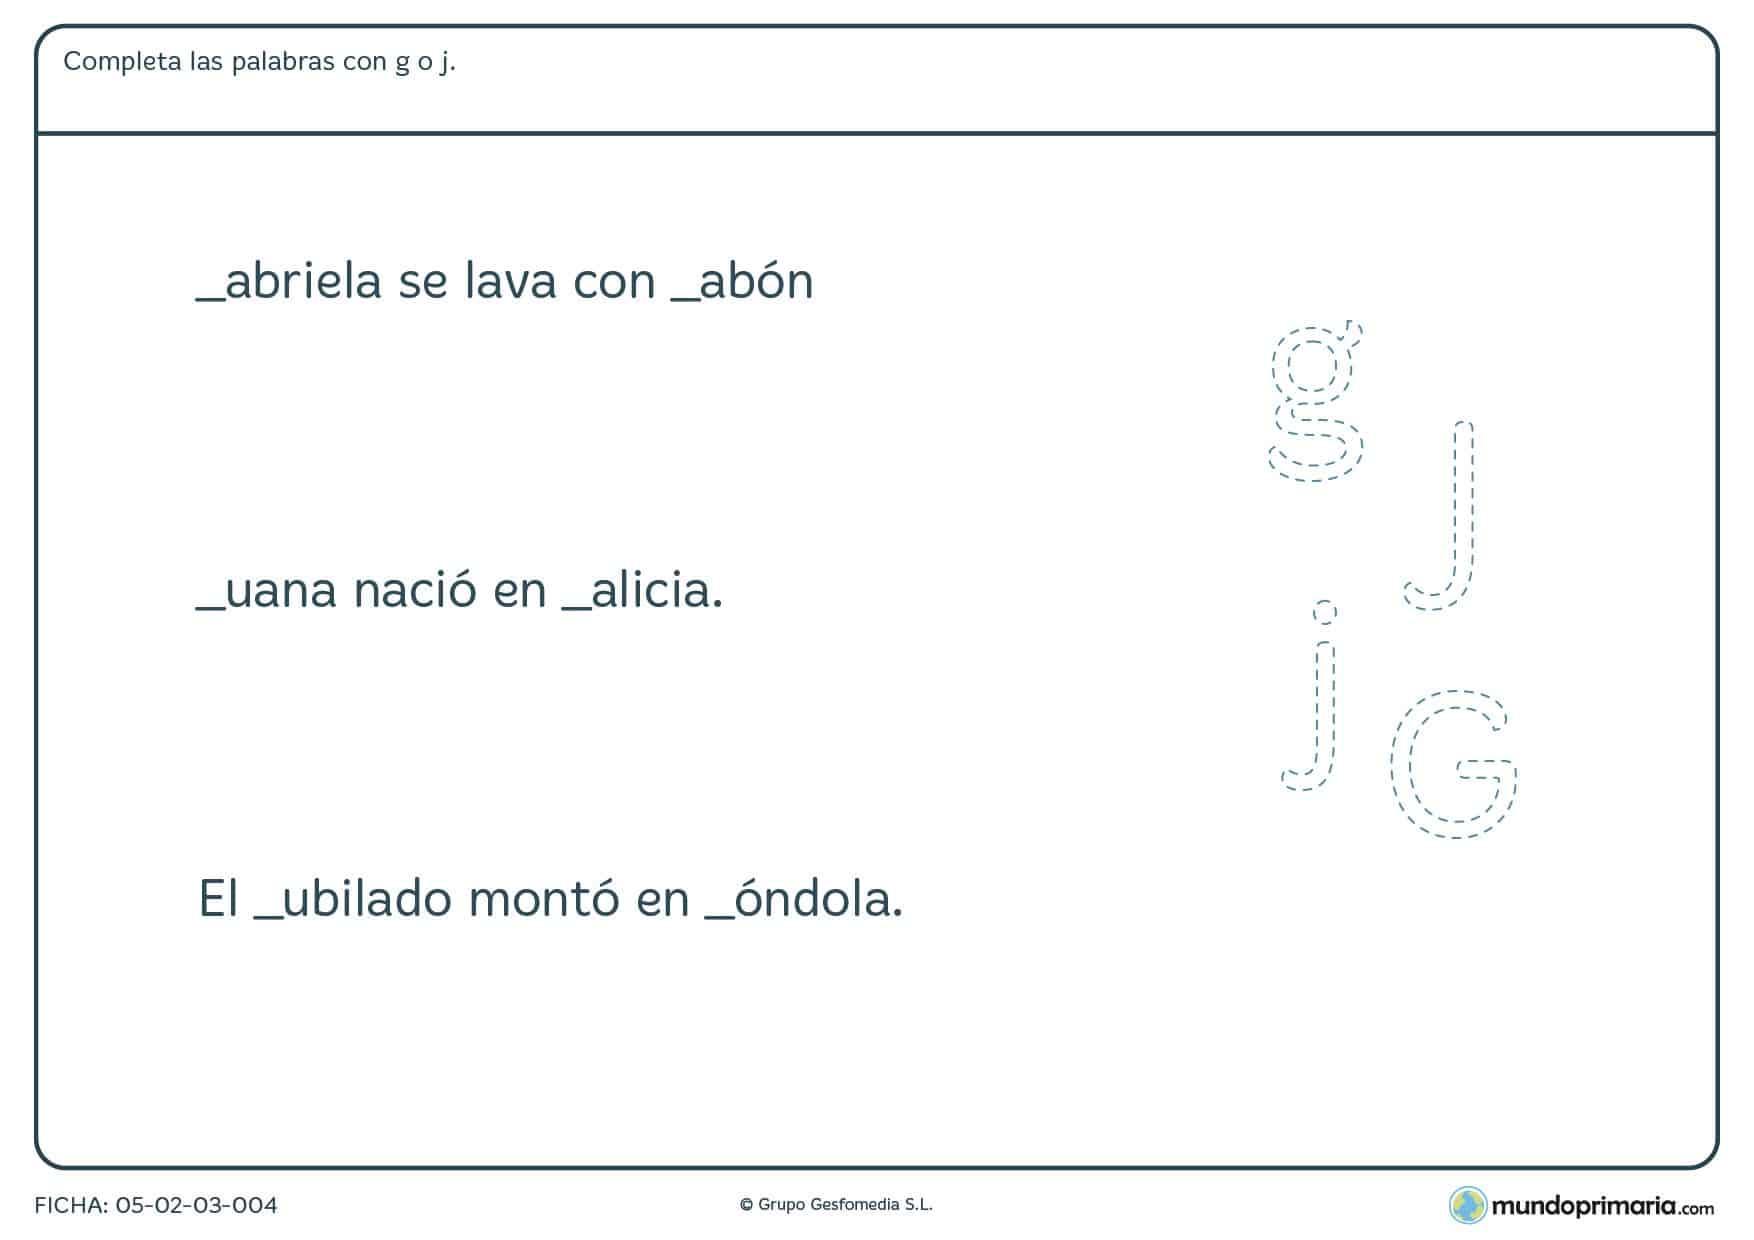 Ficha de rellenar con las letras g o j, escribe correctamente las letras en su espacio.